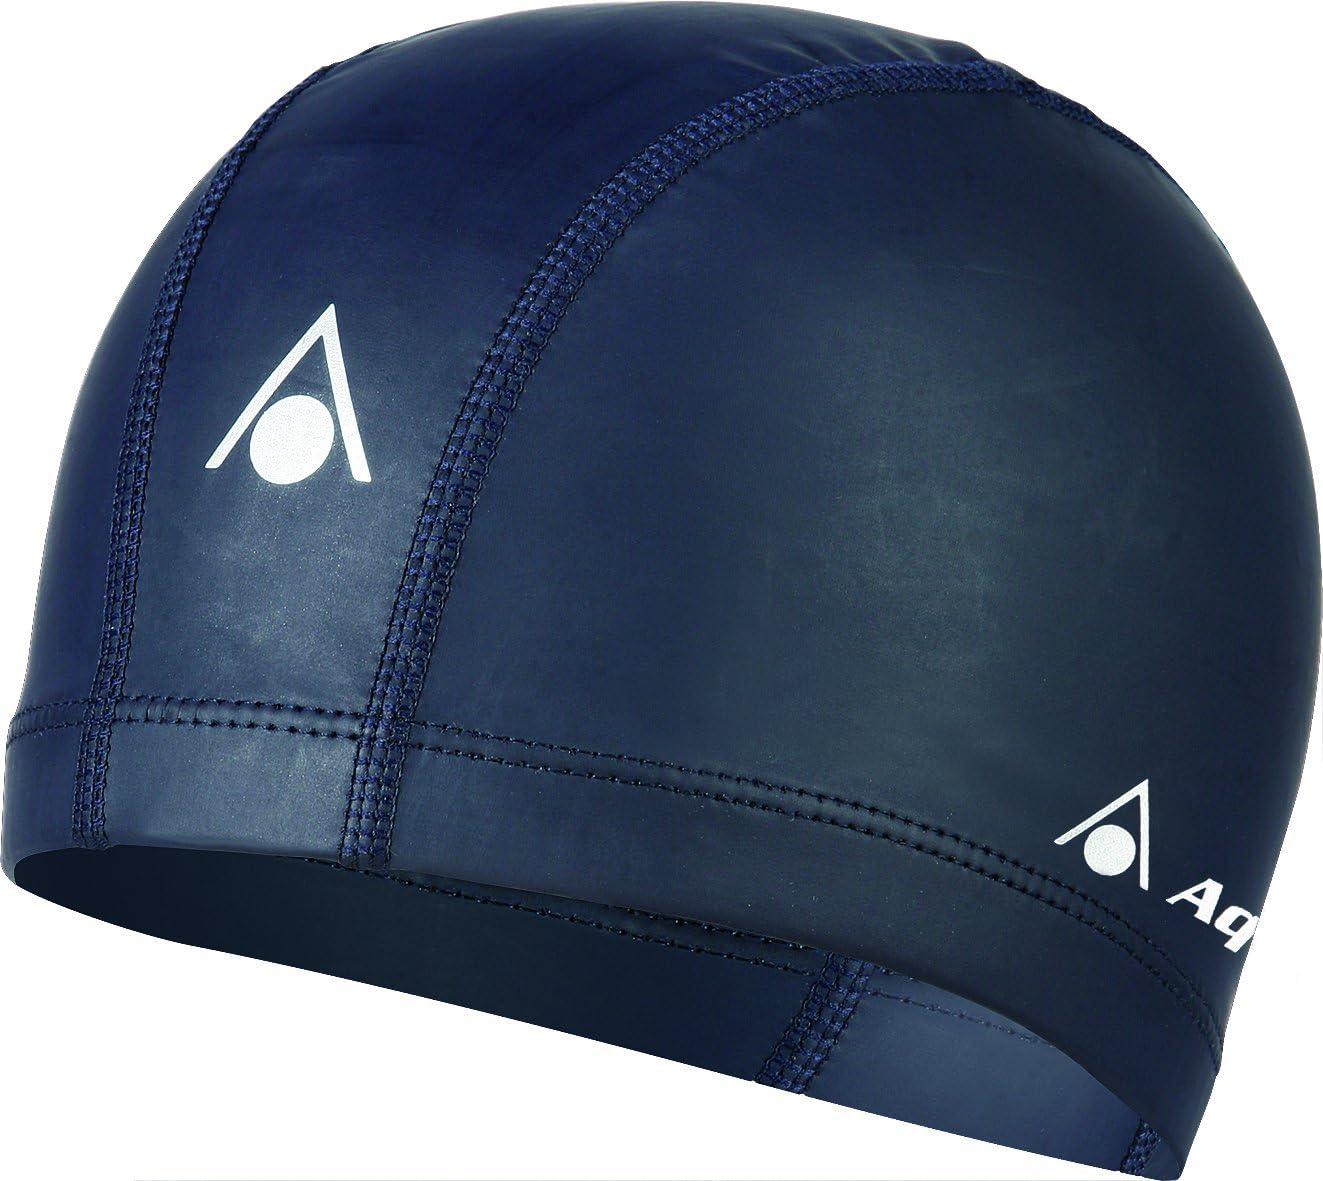 Aqua Sphere Aqua Speed schwimmm/ütze